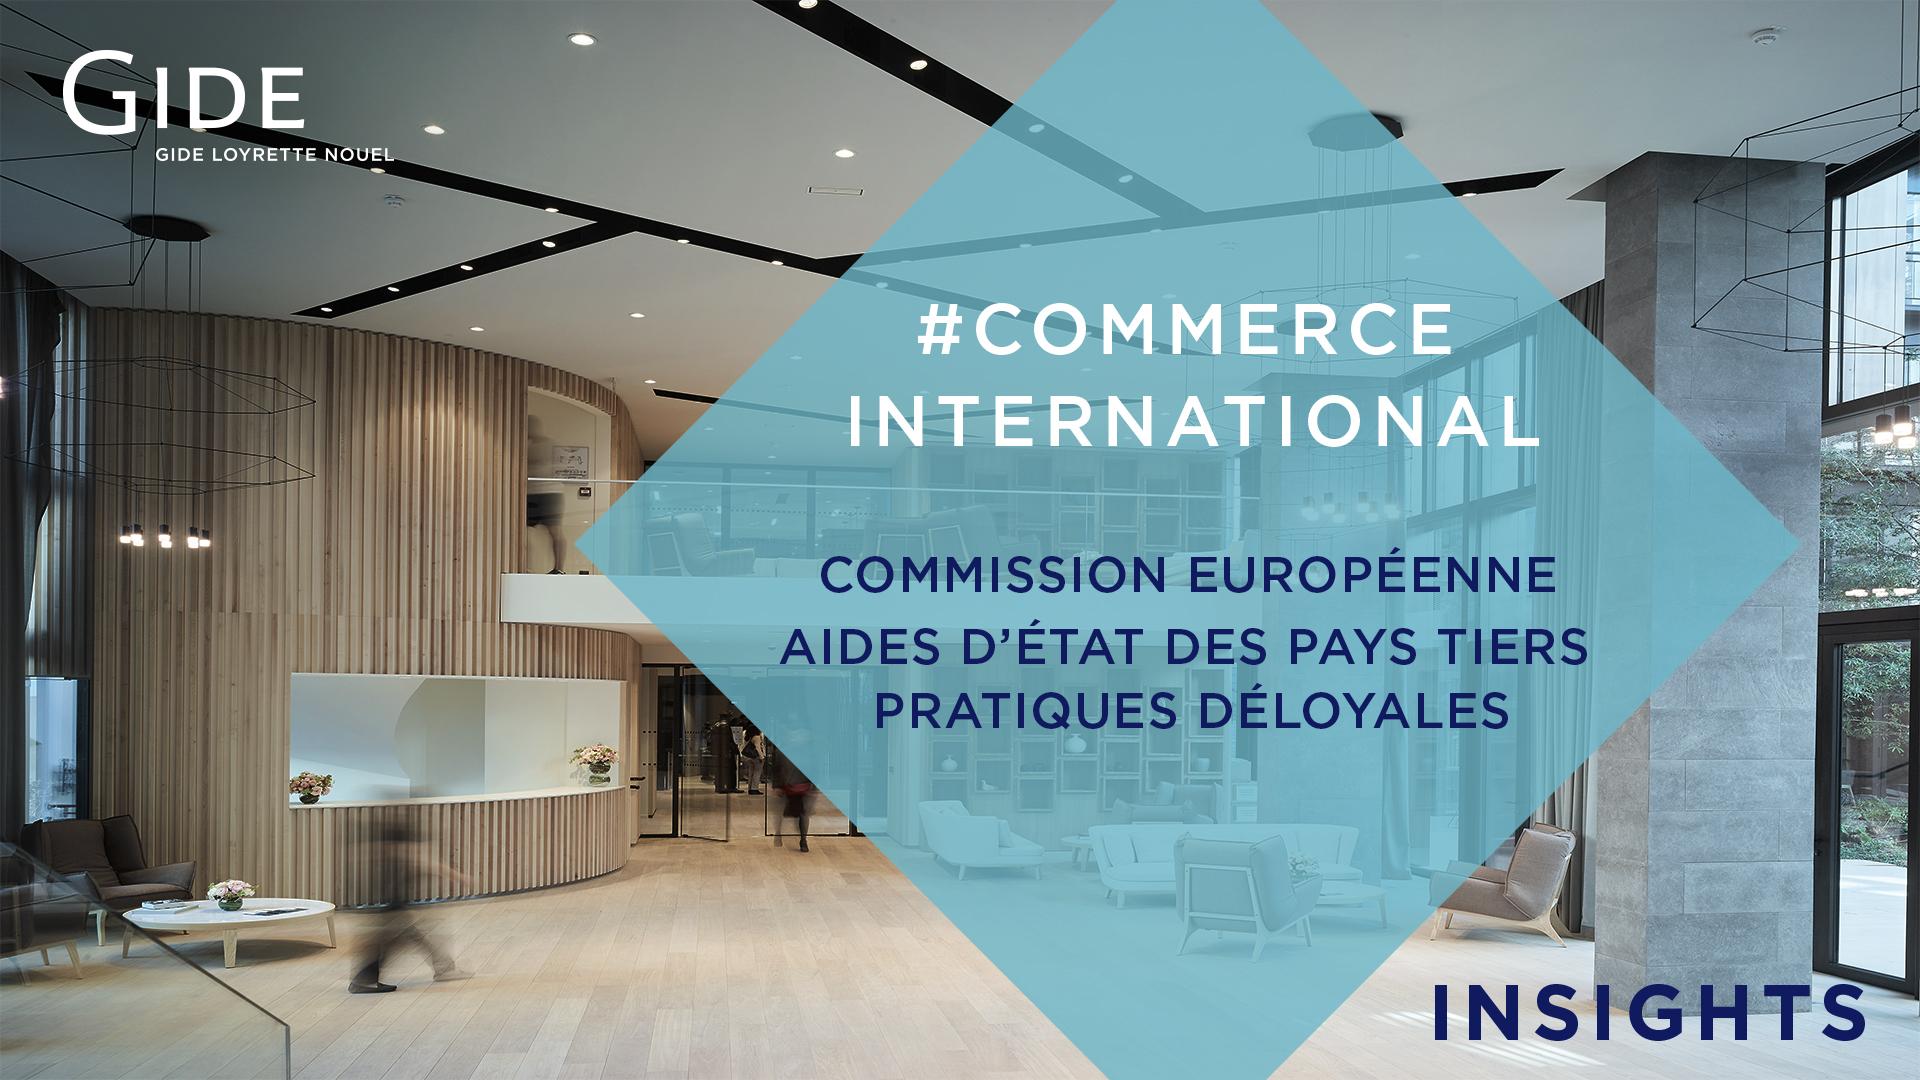 Gide_CommerceInternational